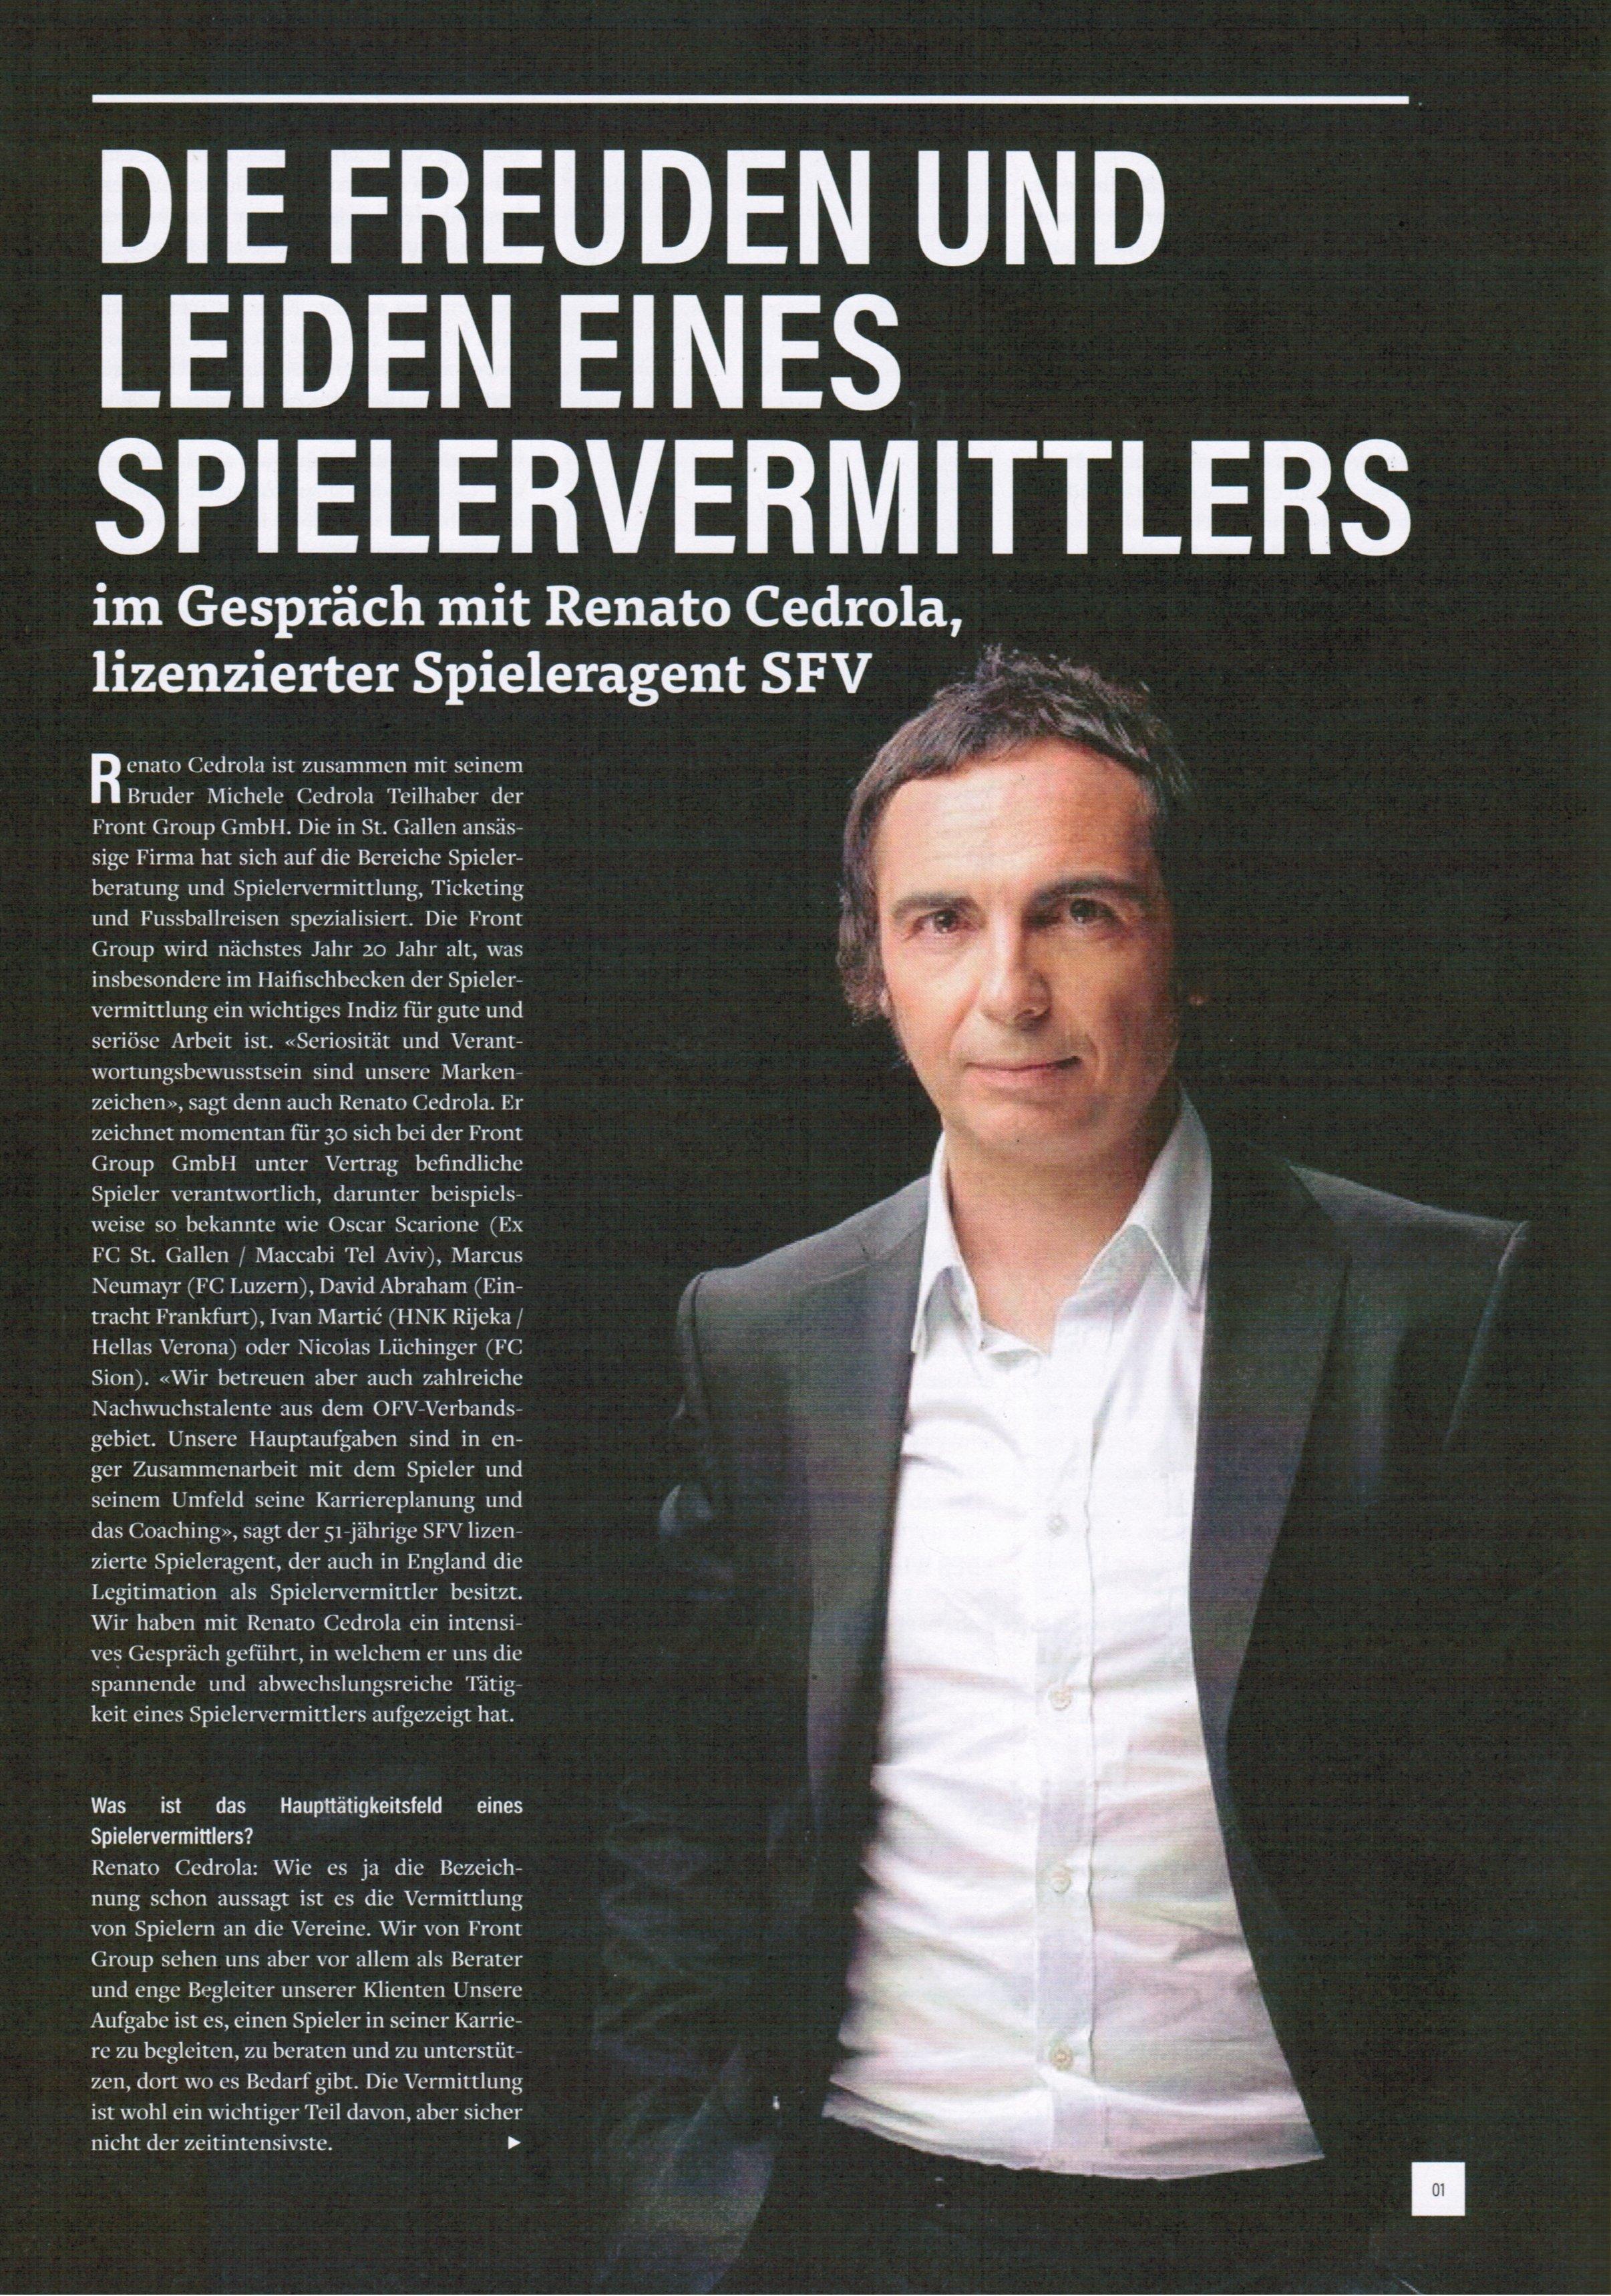 ofv-magazin-2016-freuden-und-leiden-eines-spielervermittlers-seite-1